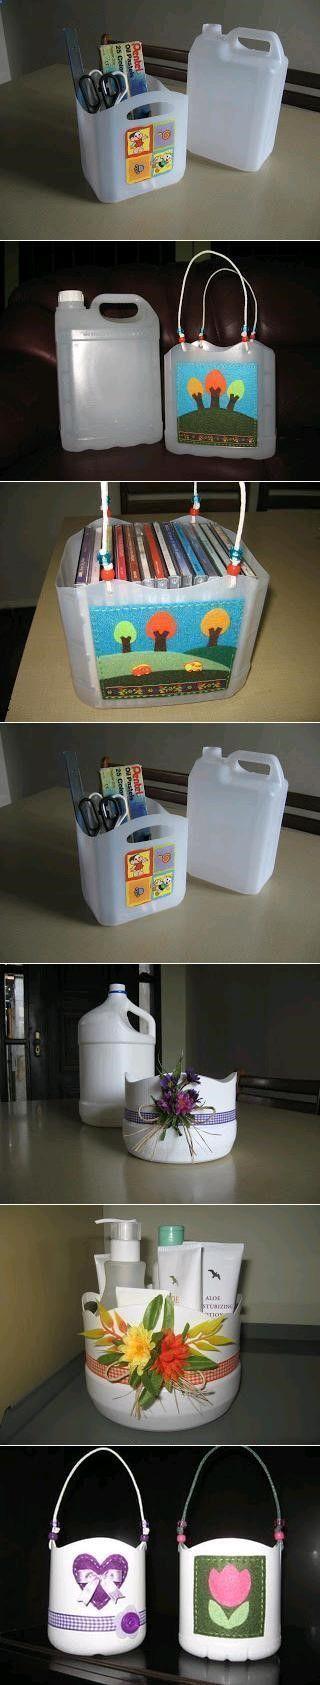 DIY Plastic Bottle Baskets